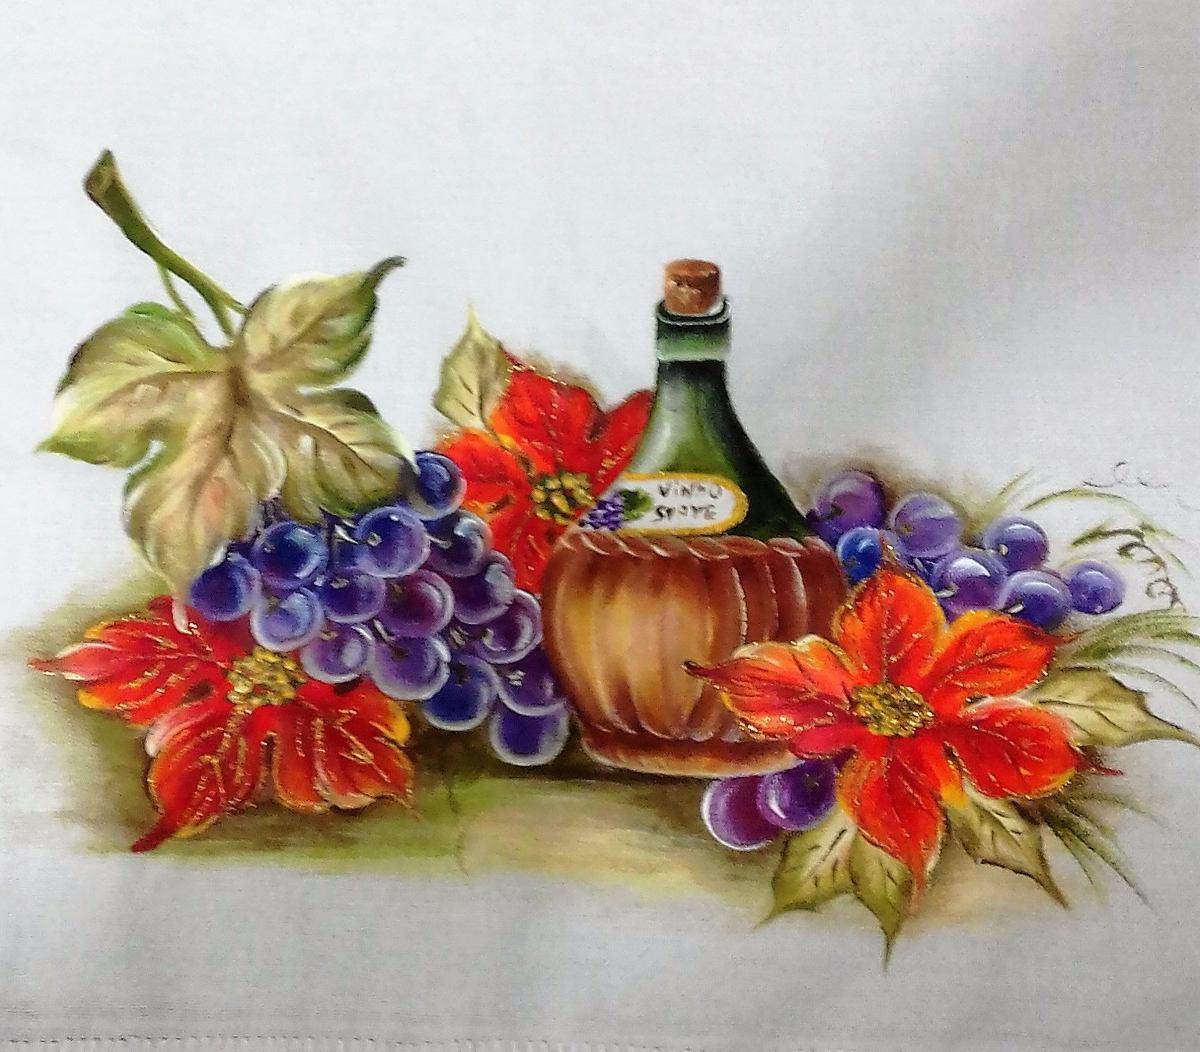 Conjunto Cozinha Pintado A Mao E Croche No Mercado Livre Brasil -> Tapete De Sala Pintado A Mao